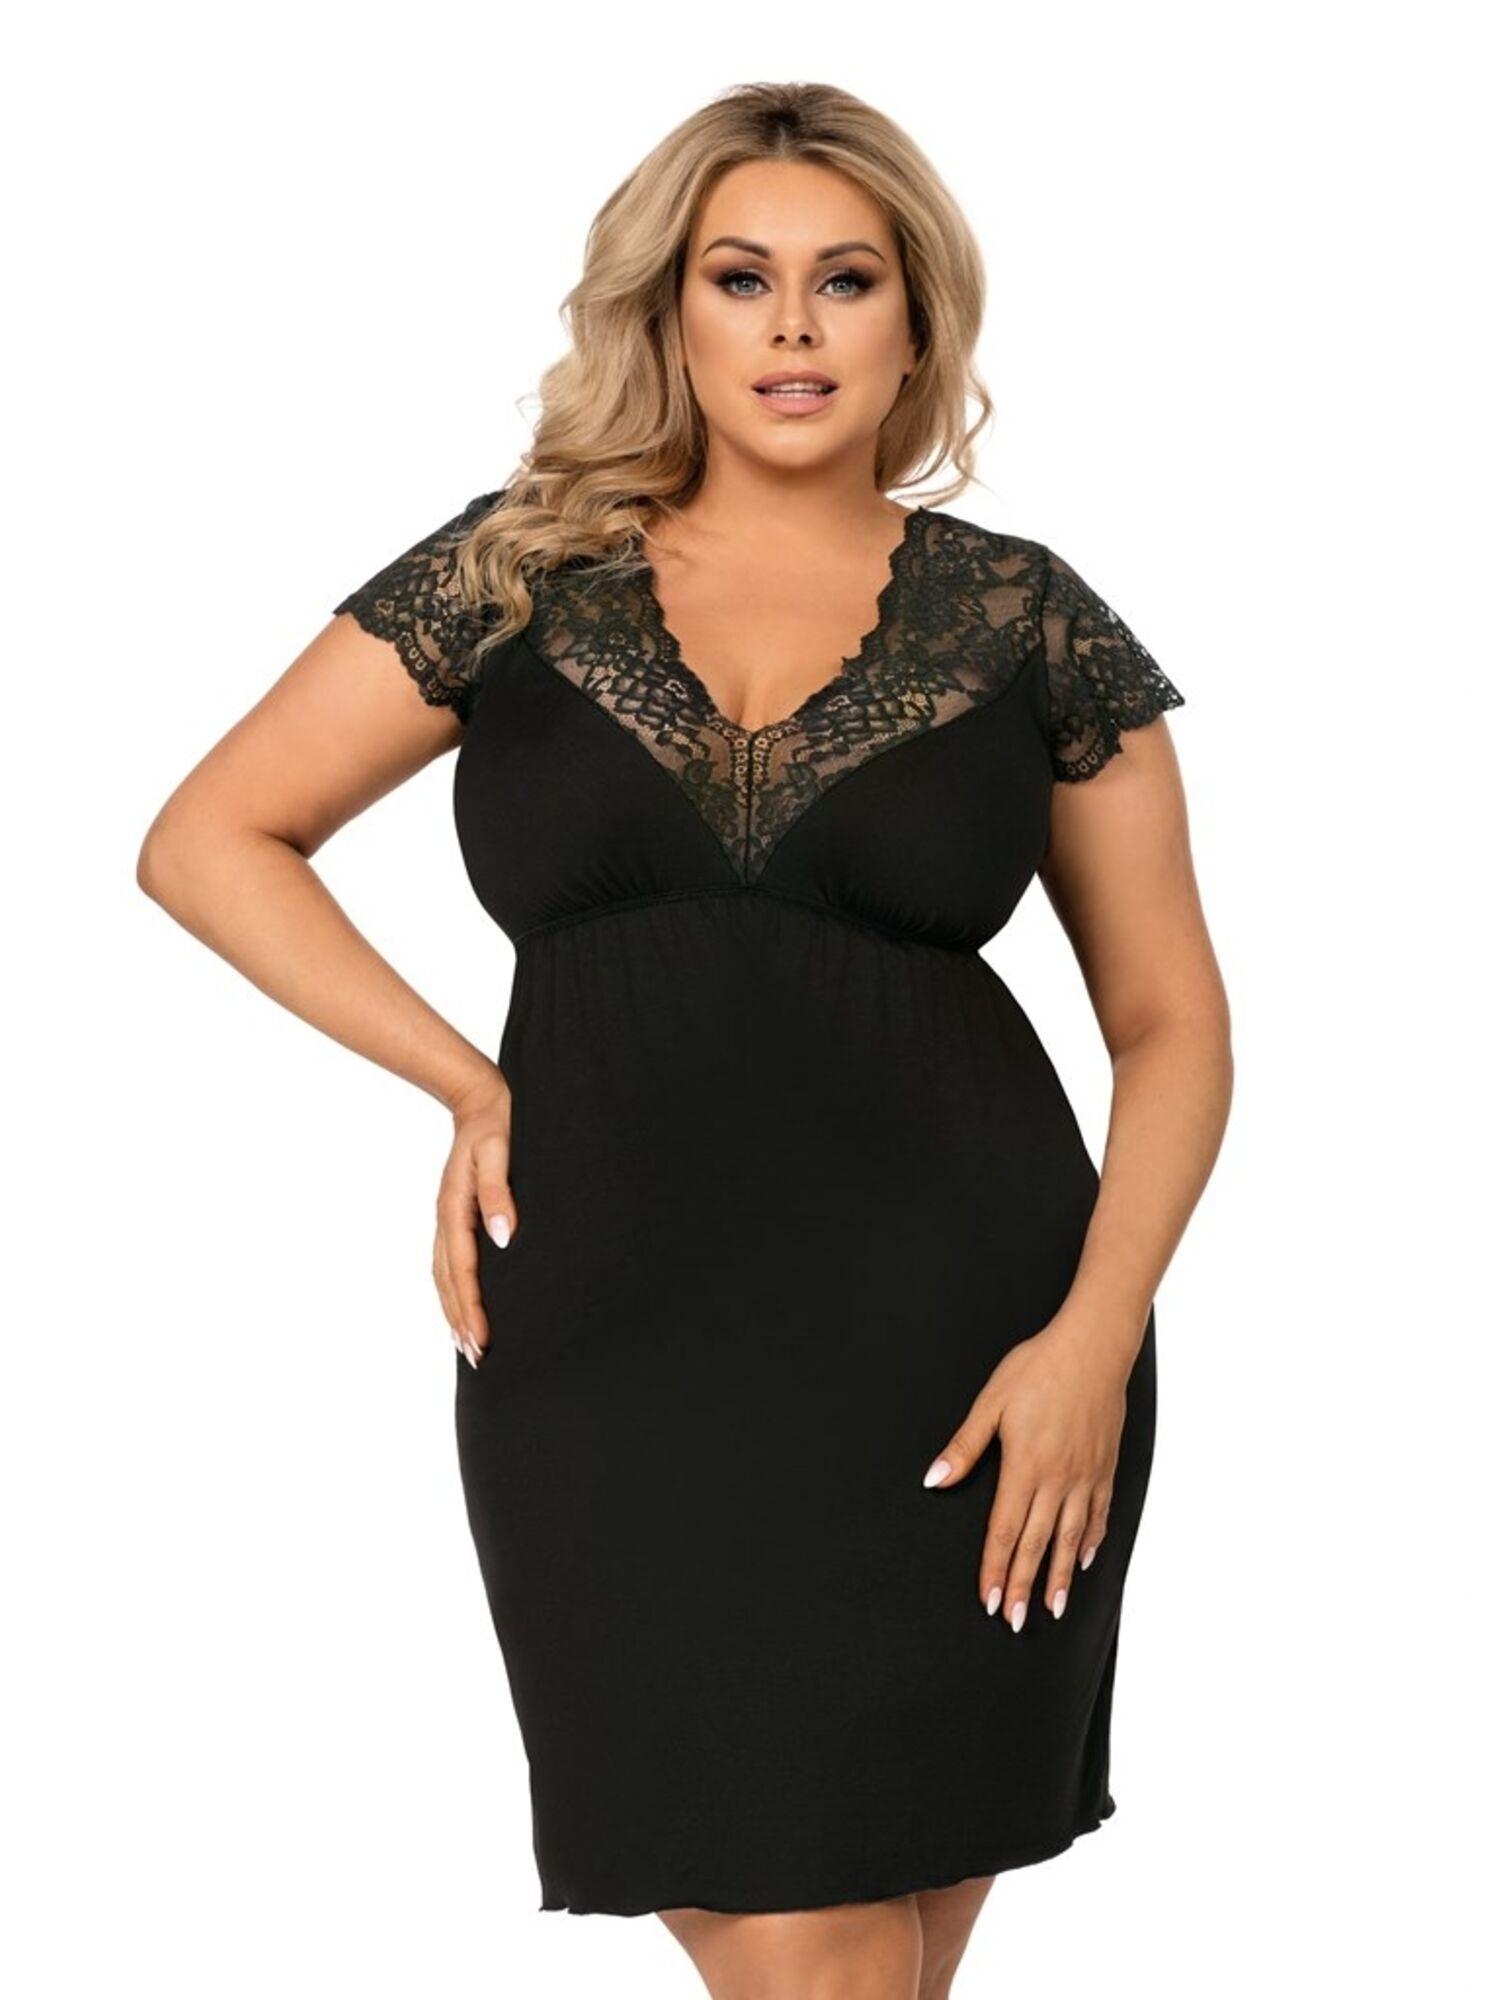 Сорочка женская TESS из вискозы с кружевом, черная, DONNA